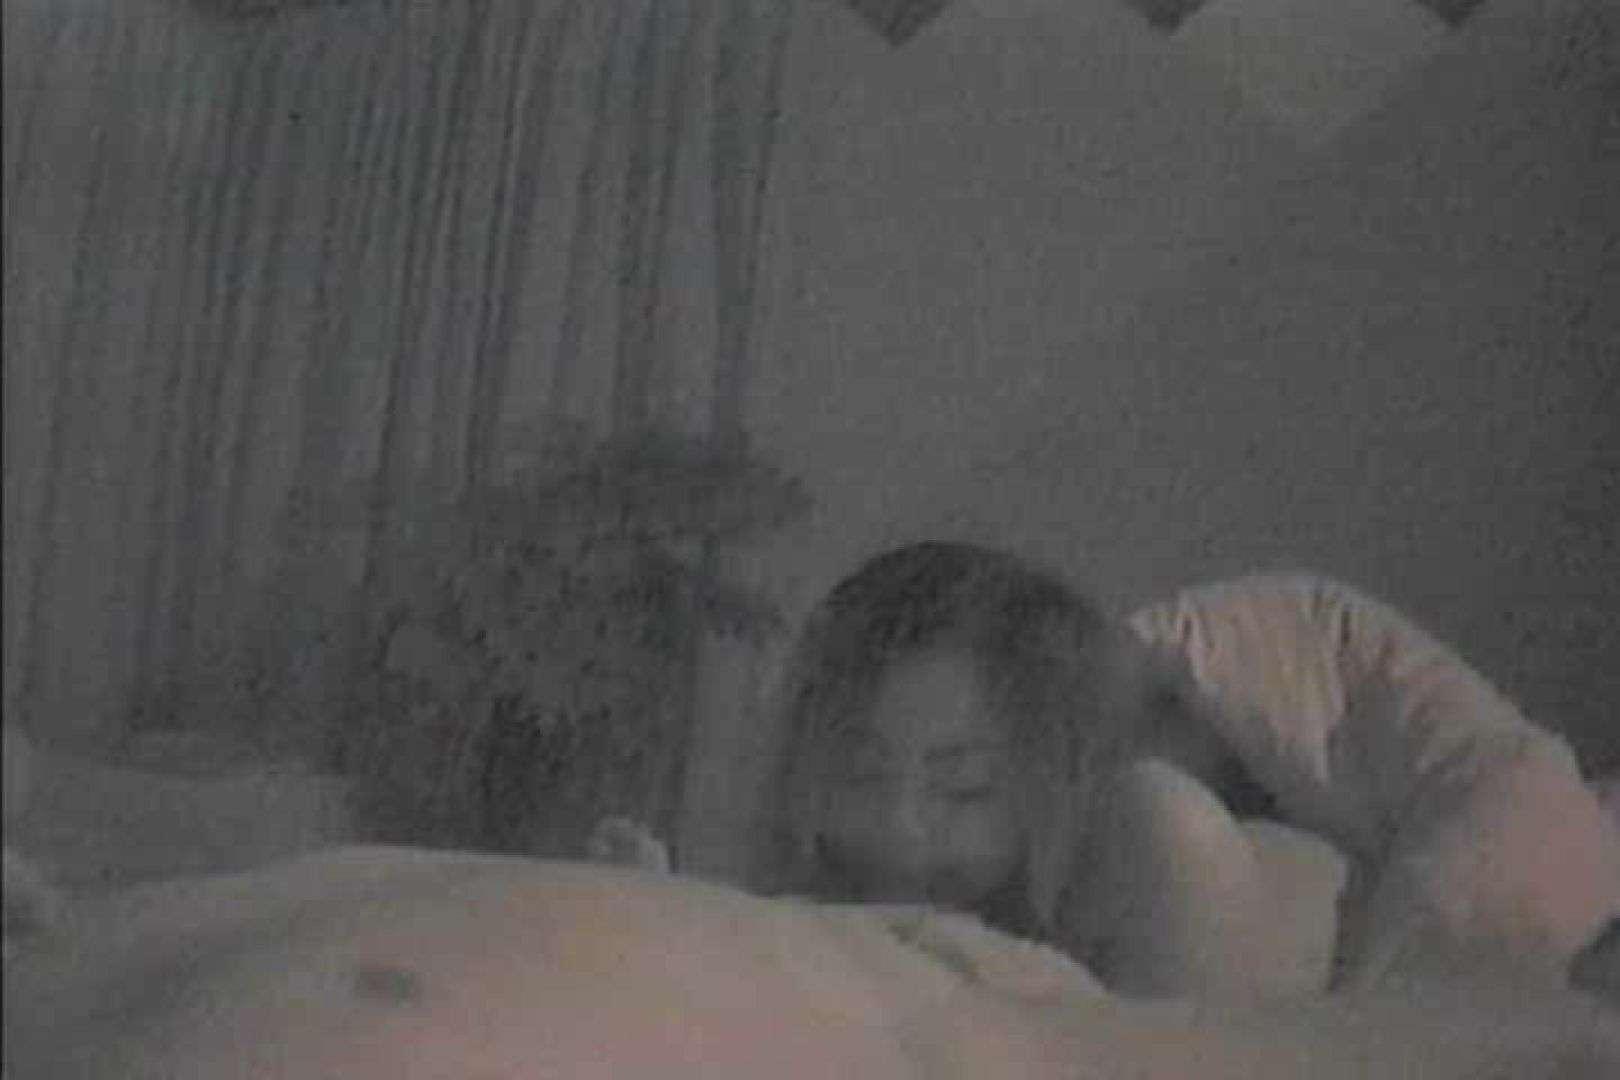 素人嬢をホテルに連れ込みアンナ事・コンナ事!?Vol.3 HなOL オメコ動画キャプチャ 101pic 8